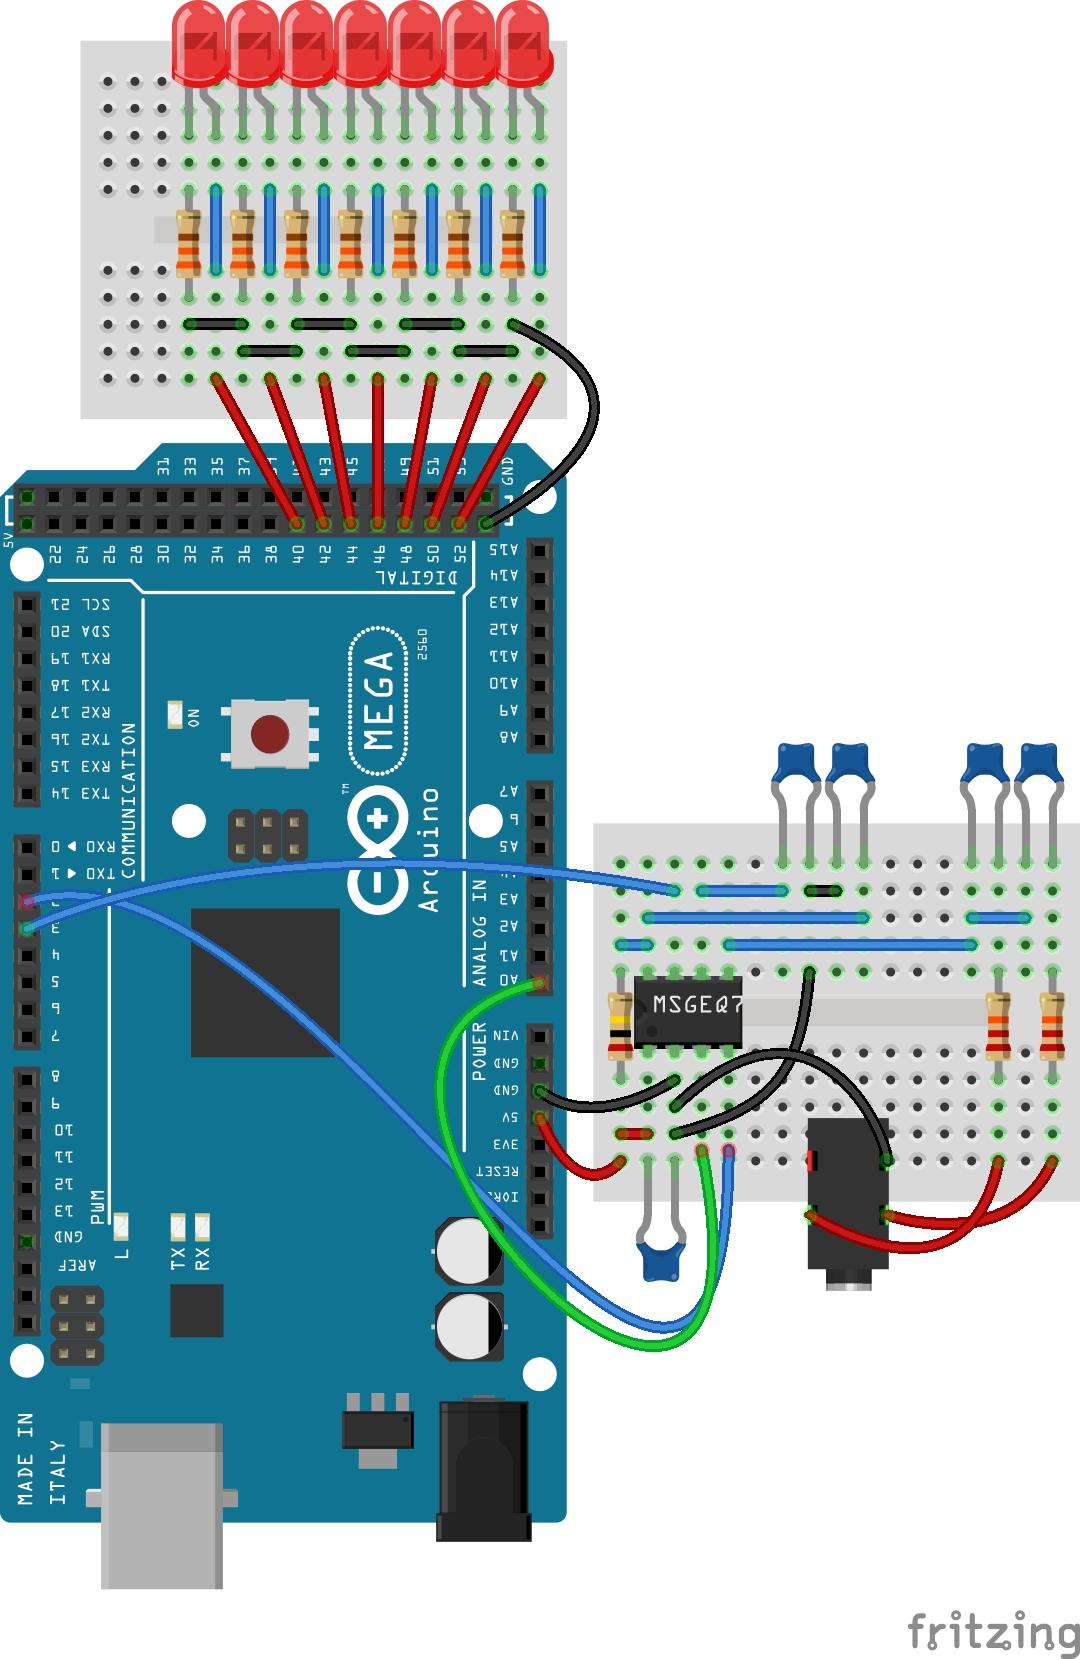 Spectrum analyzer with digital leds zheqvviefz